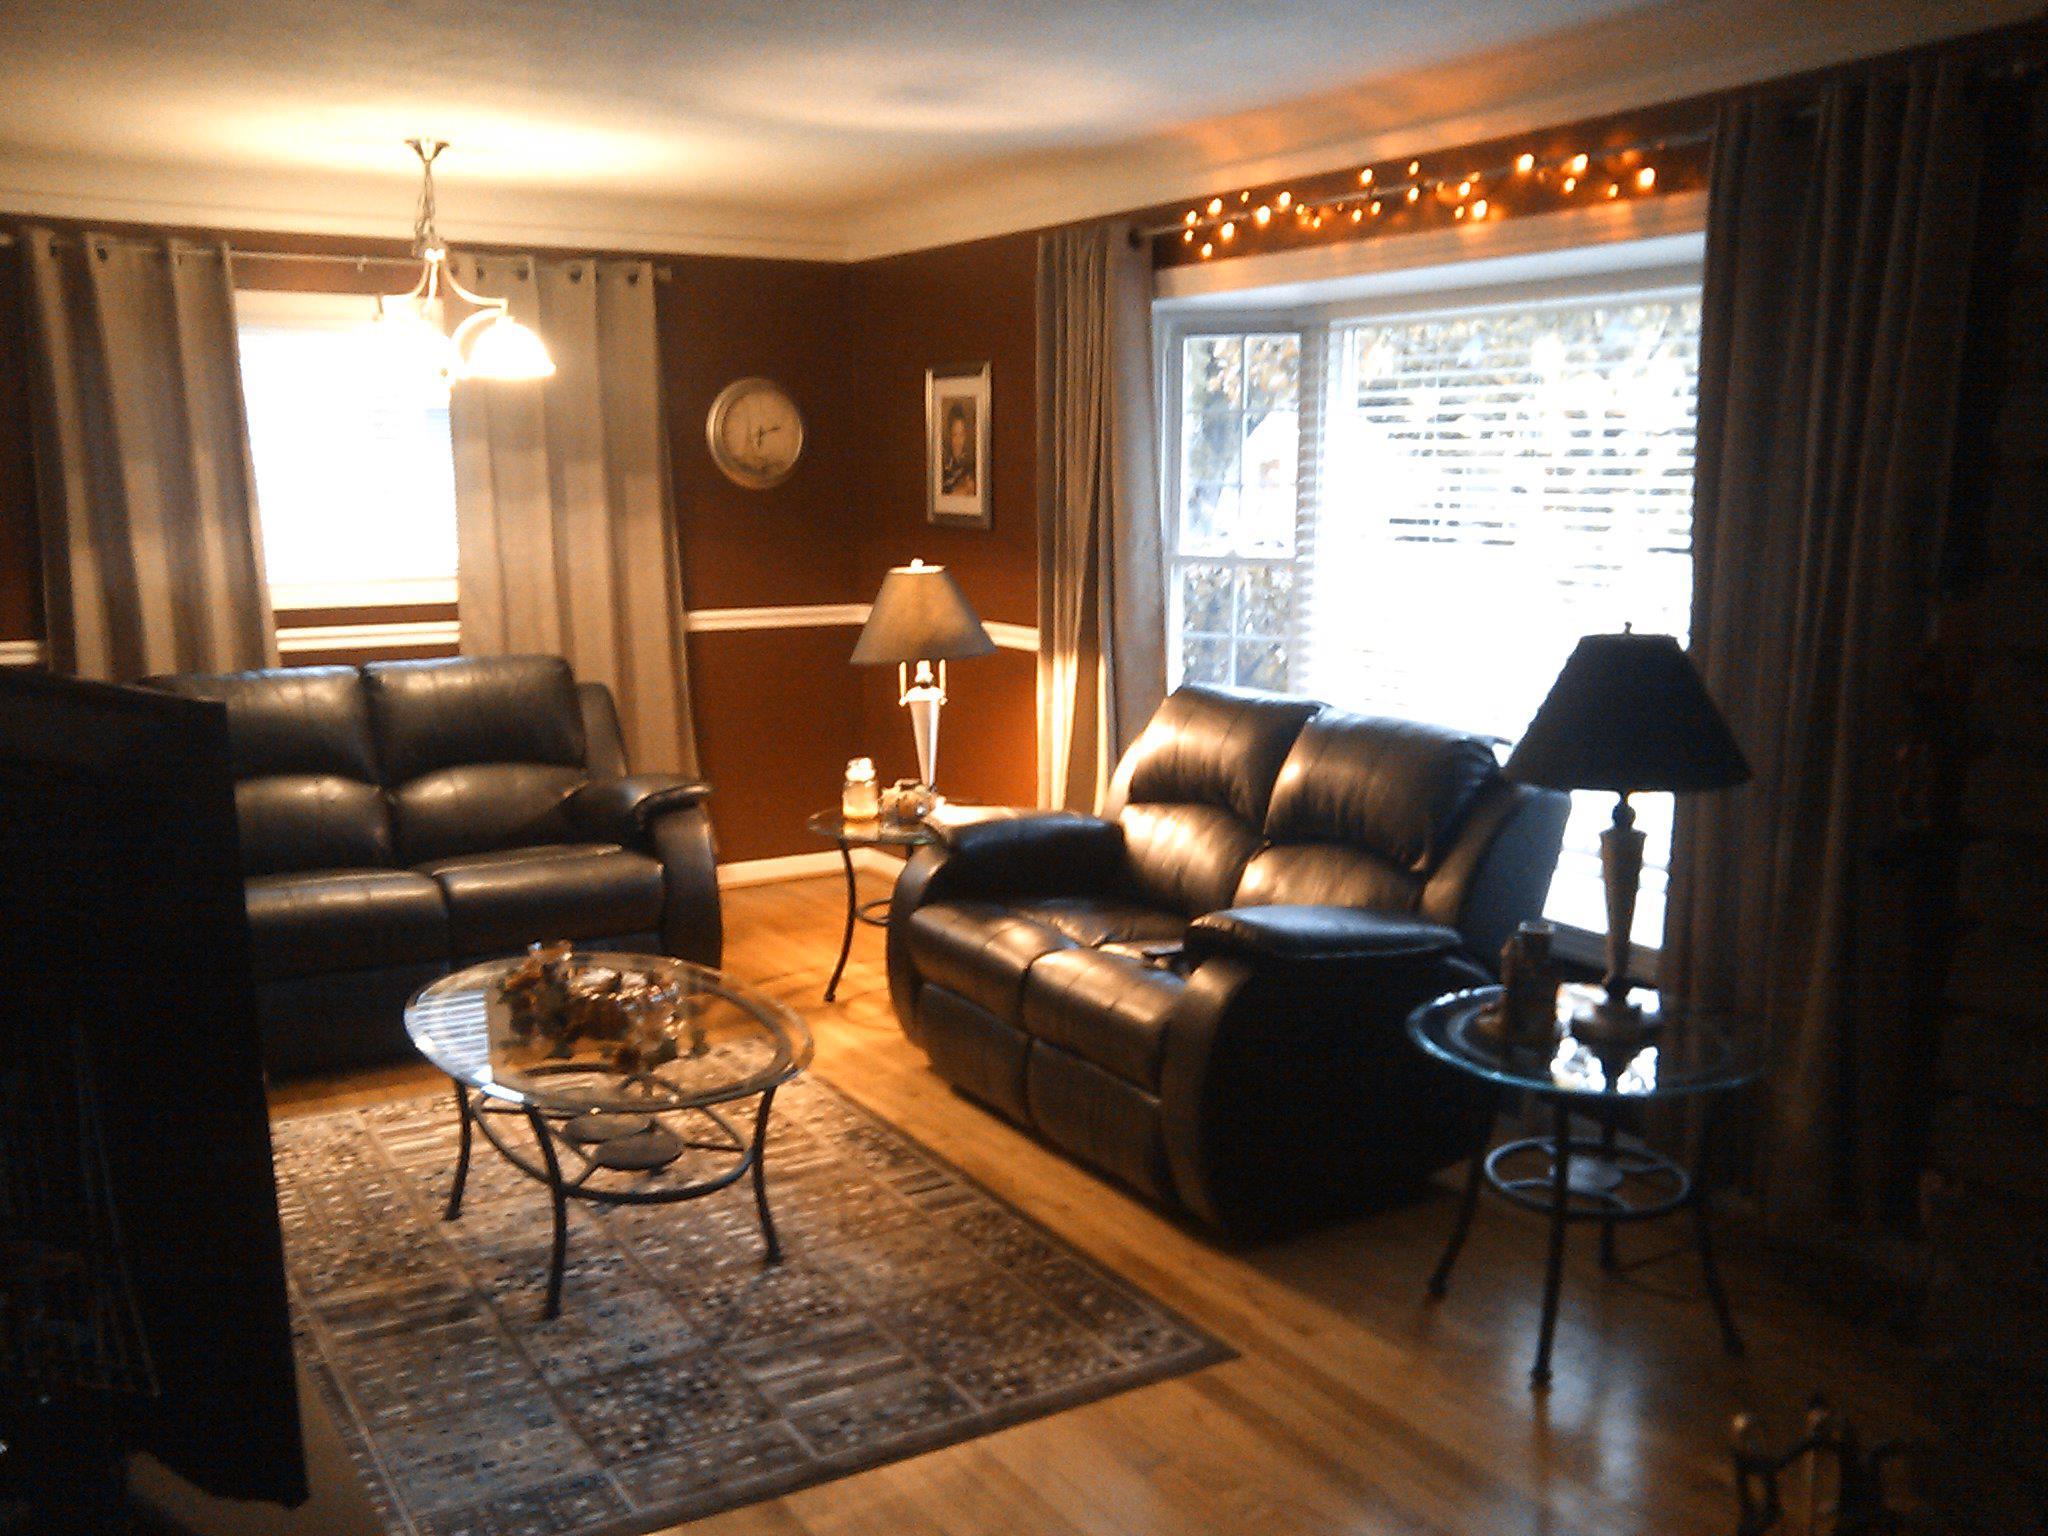 clearance outlet furniture at gardner white furniture. Black Bedroom Furniture Sets. Home Design Ideas